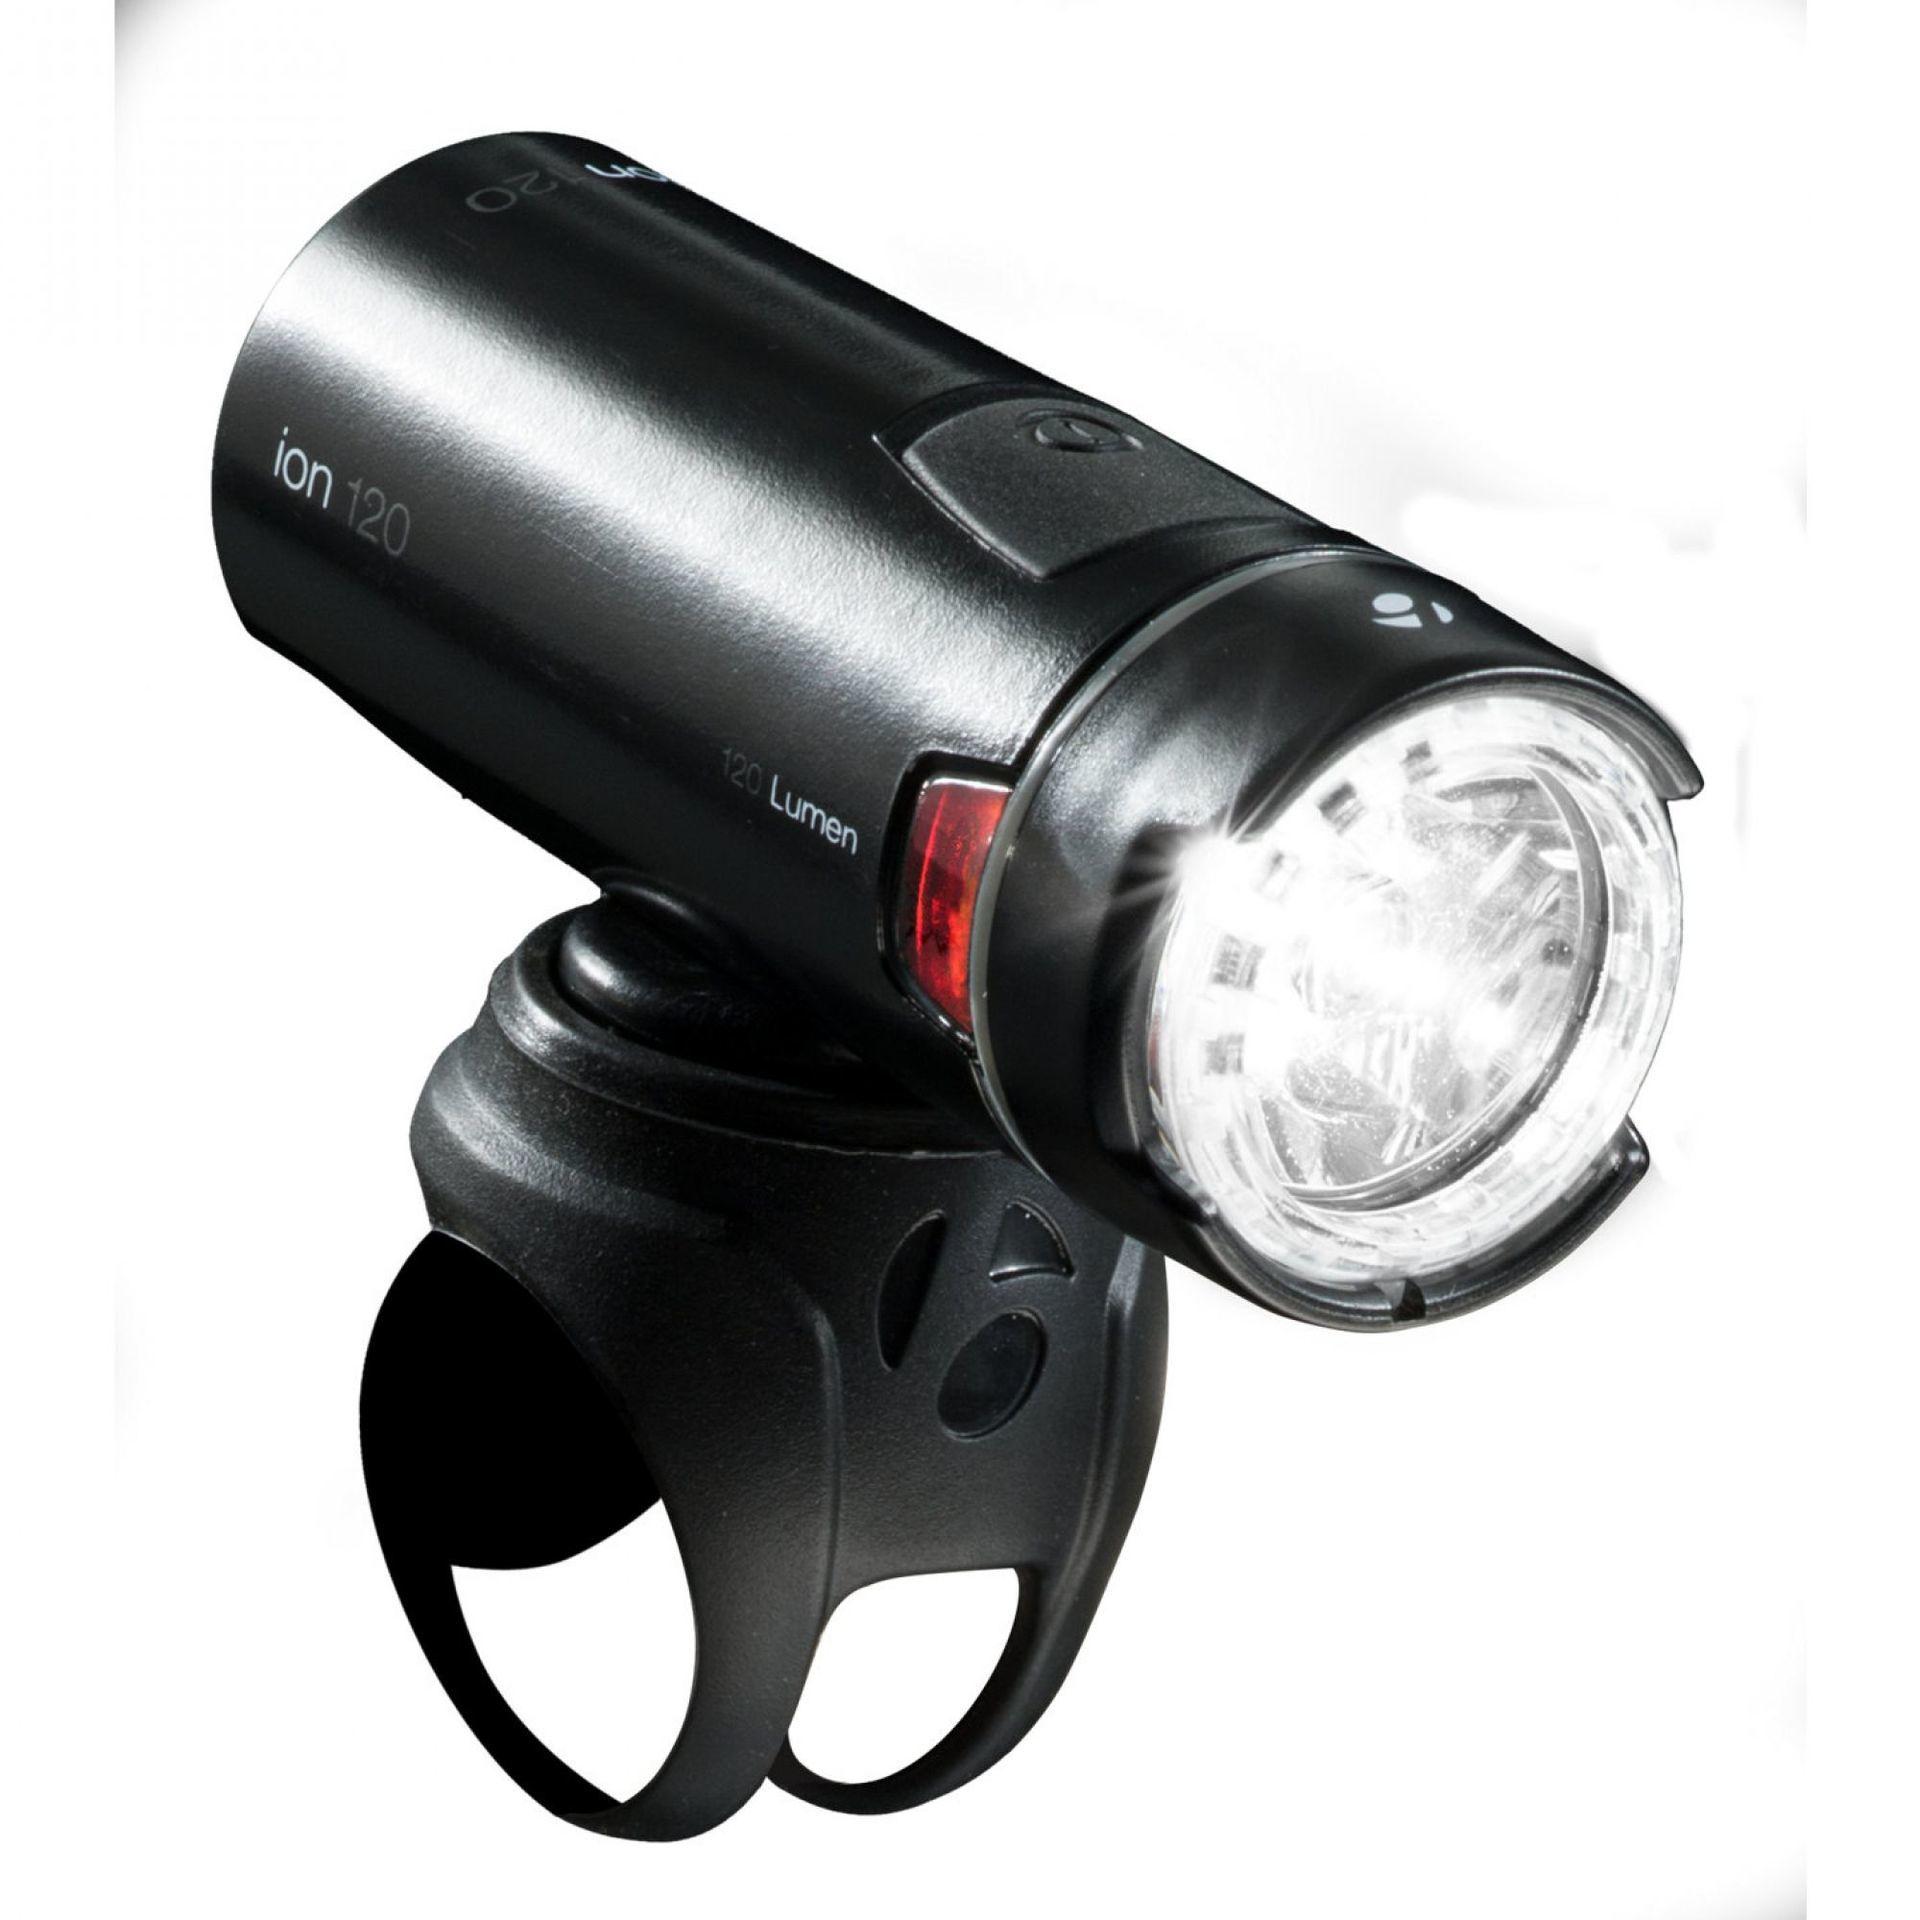 LAMPKA ROWEROWA PRZEDNIA BONTRAGER ION 120